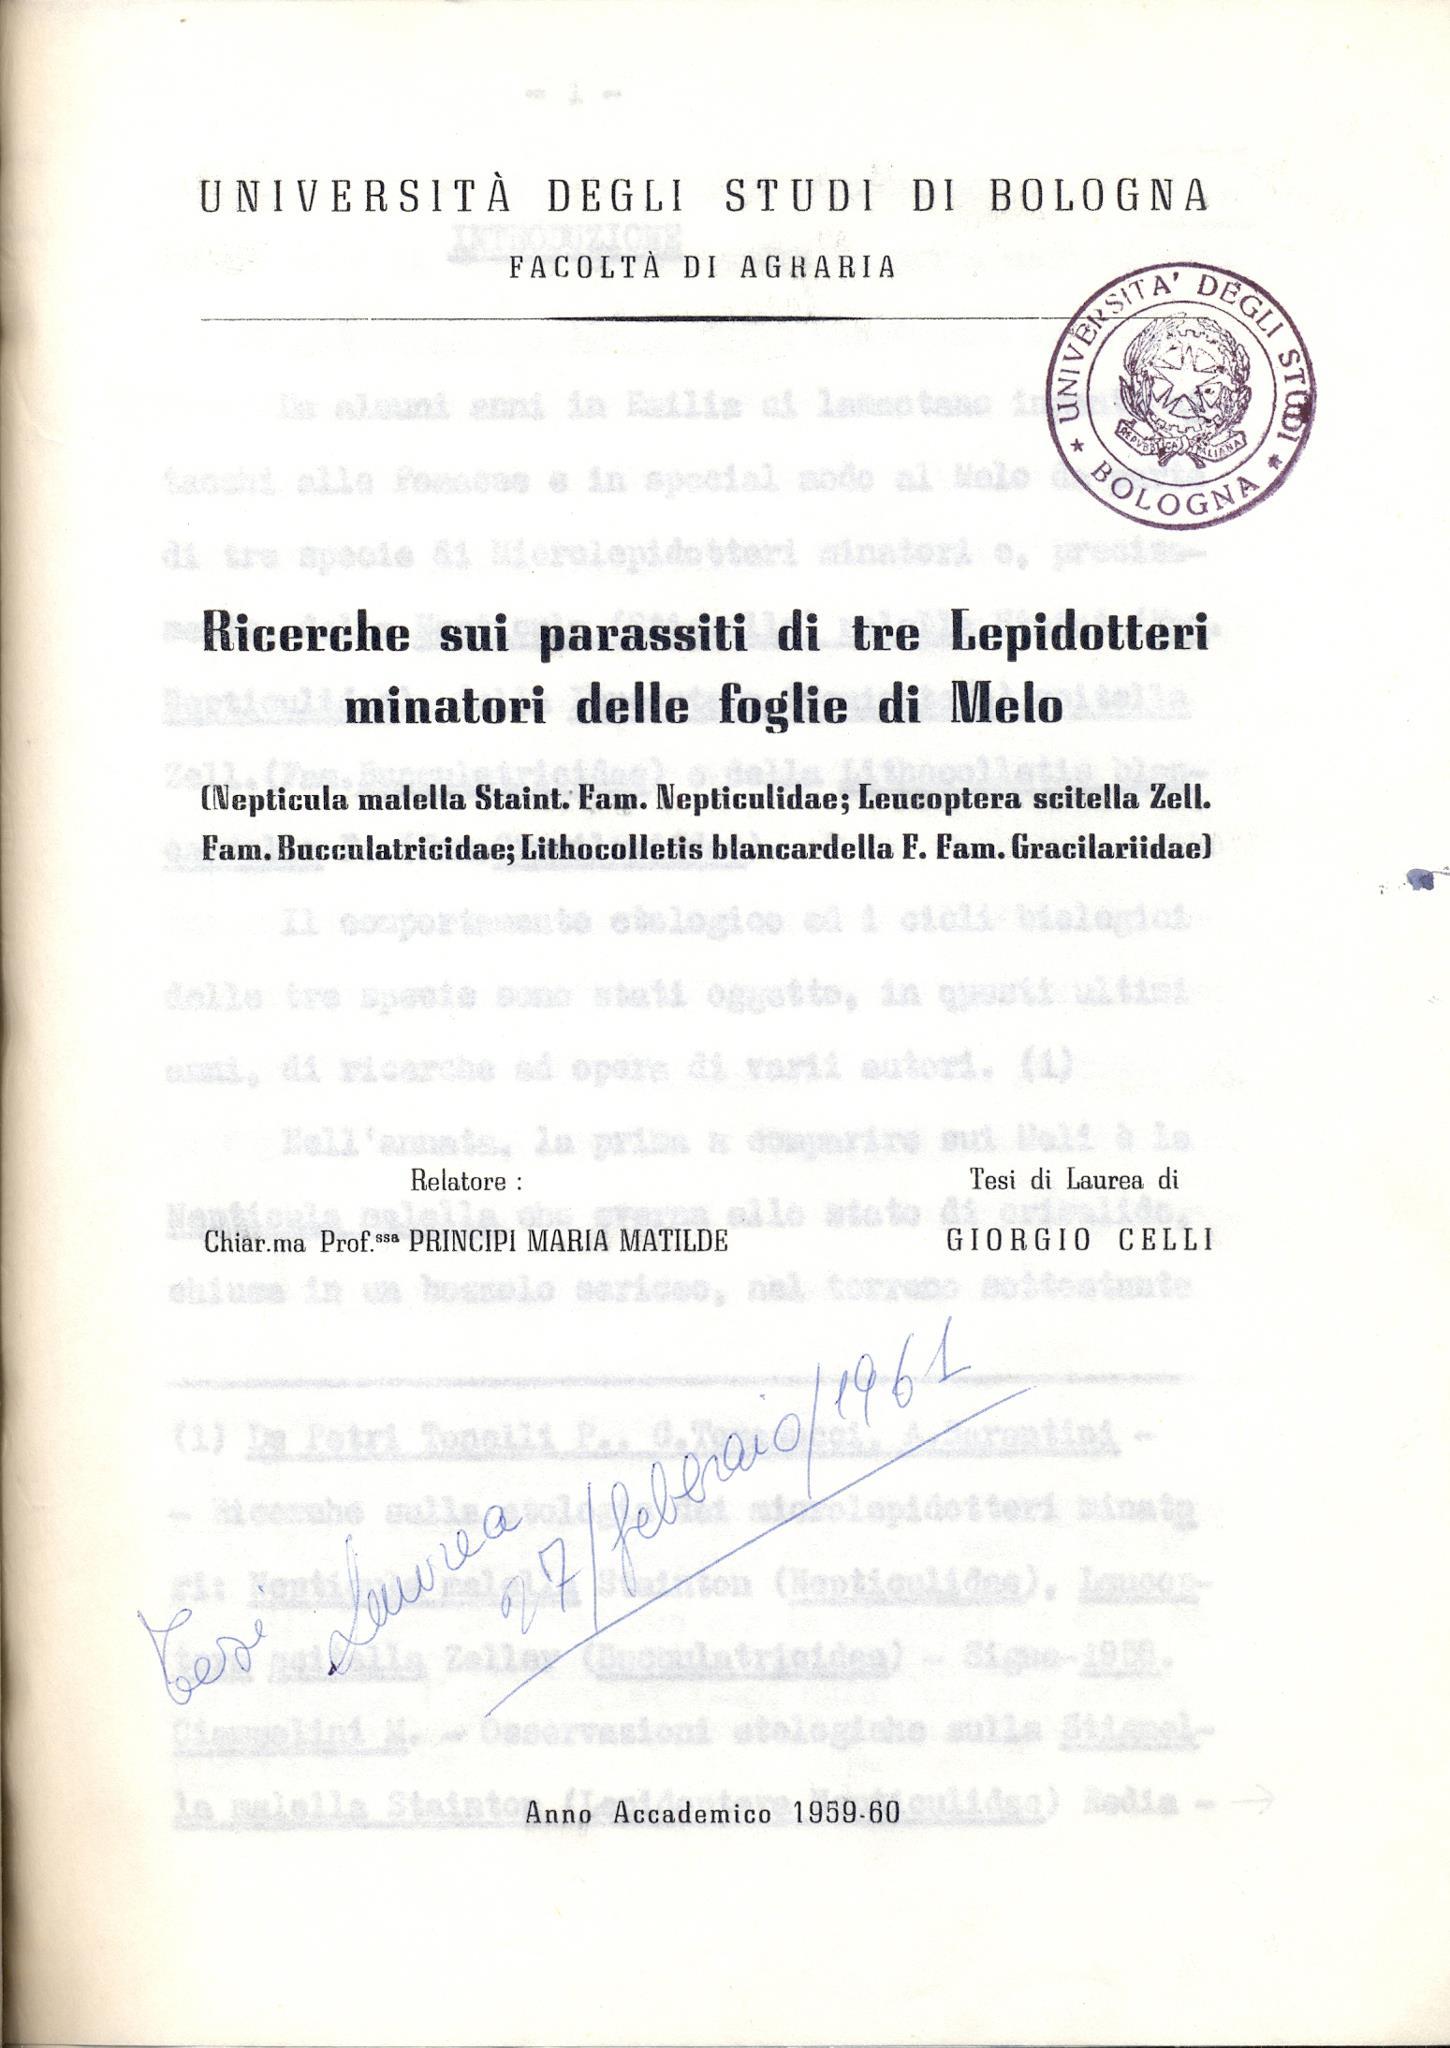 File Frontespizio Tesi Prof Giorgio Celli Jpg